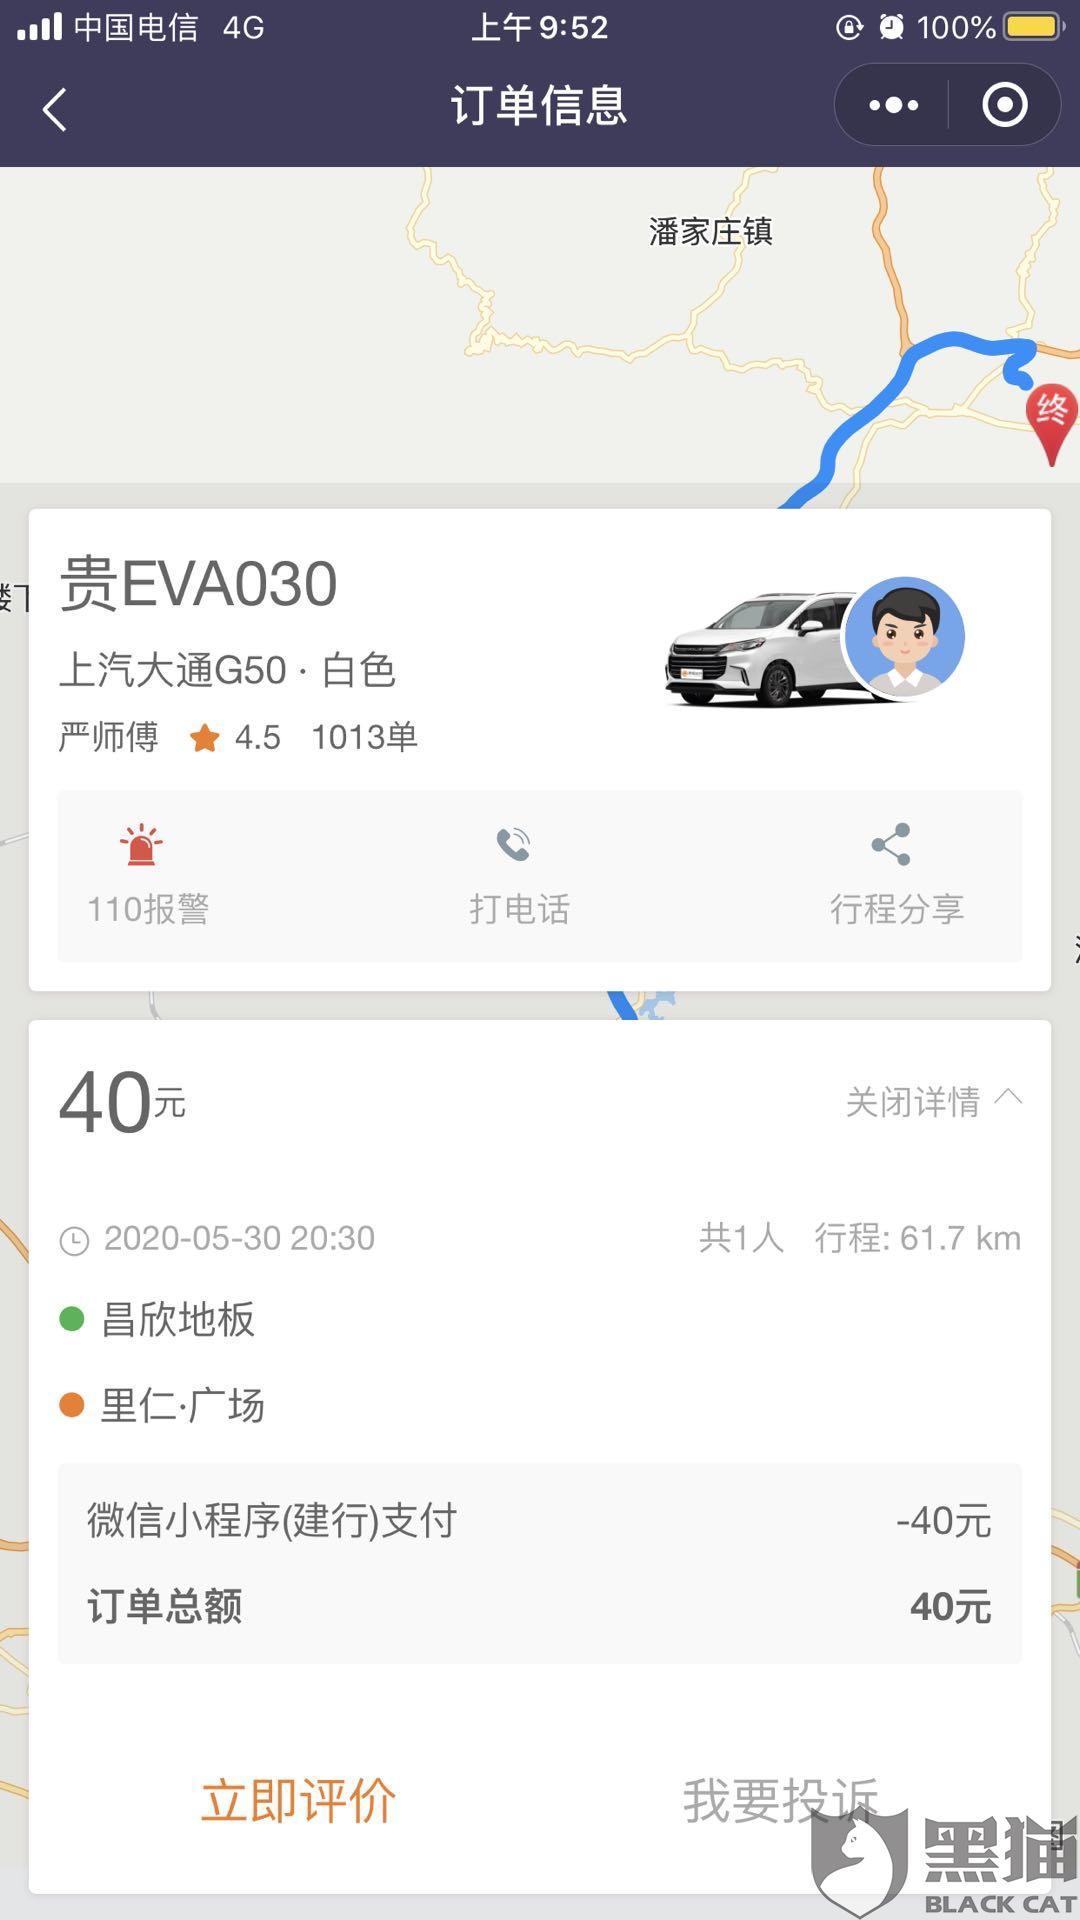 黑猫投诉:网约车平台(黔程出行)贵州久网同城科技有限公司不予退款消费者车费,